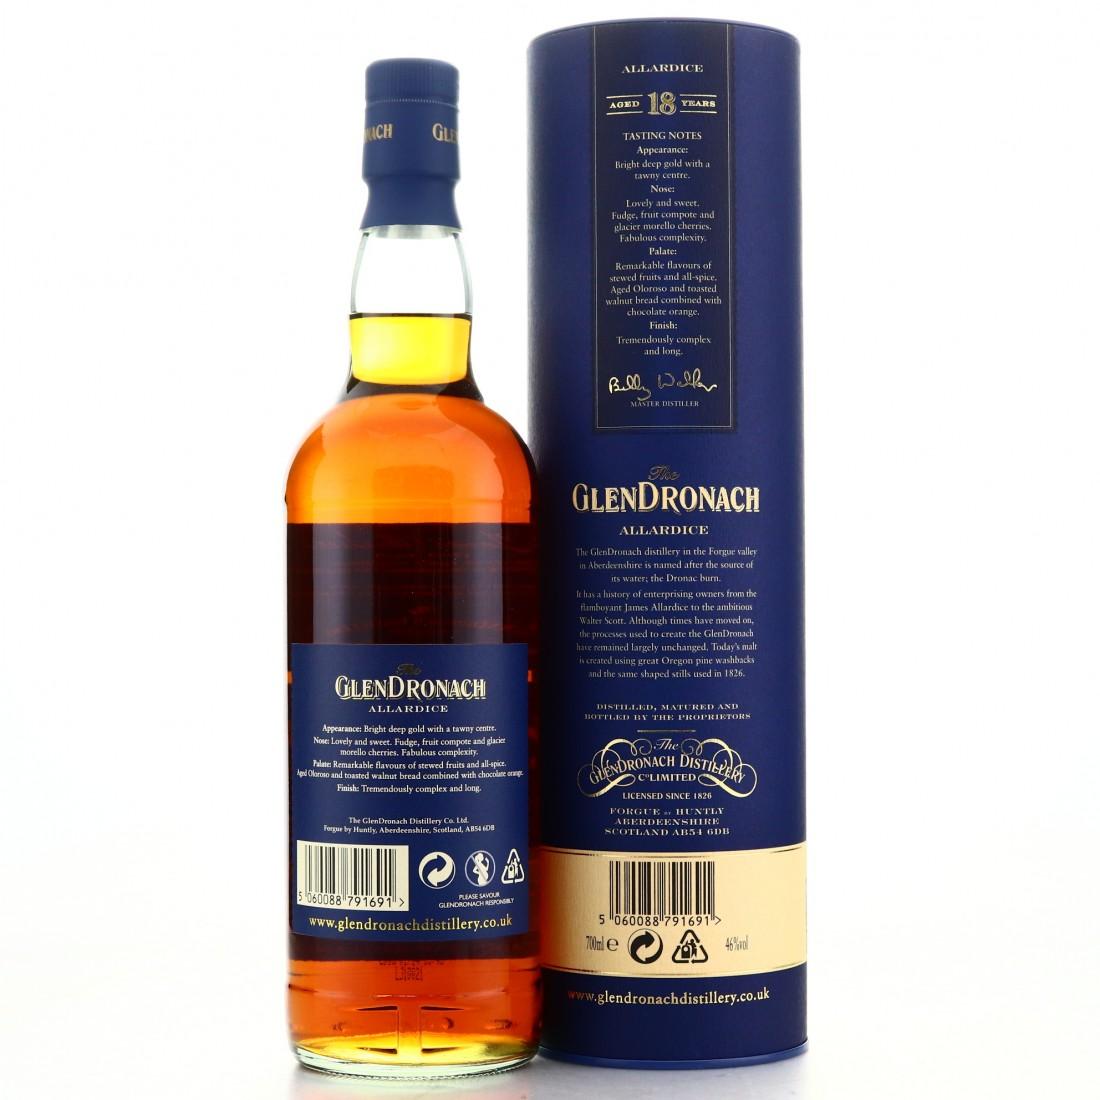 Glendronach 18 Year Old Allardice / 2016 Release